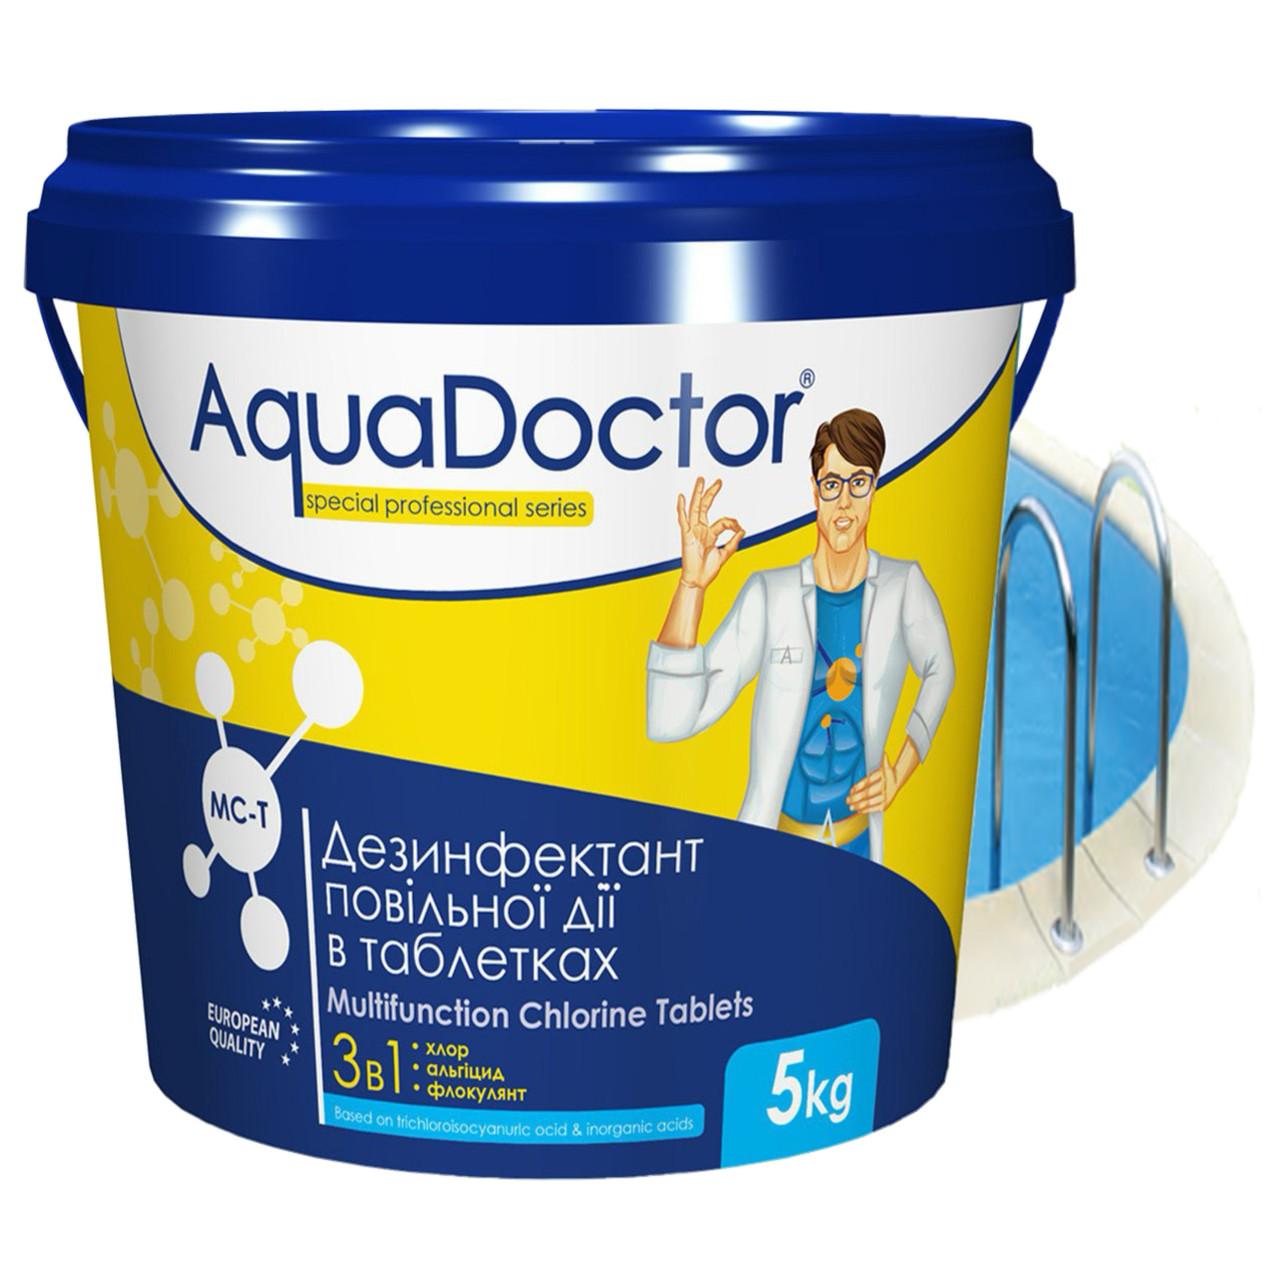 Хлор для басейну 3 в 1 AquaDoctor MC-T 5кг в таблетках повільнорозчинний стабілізований. Таблетки хлору